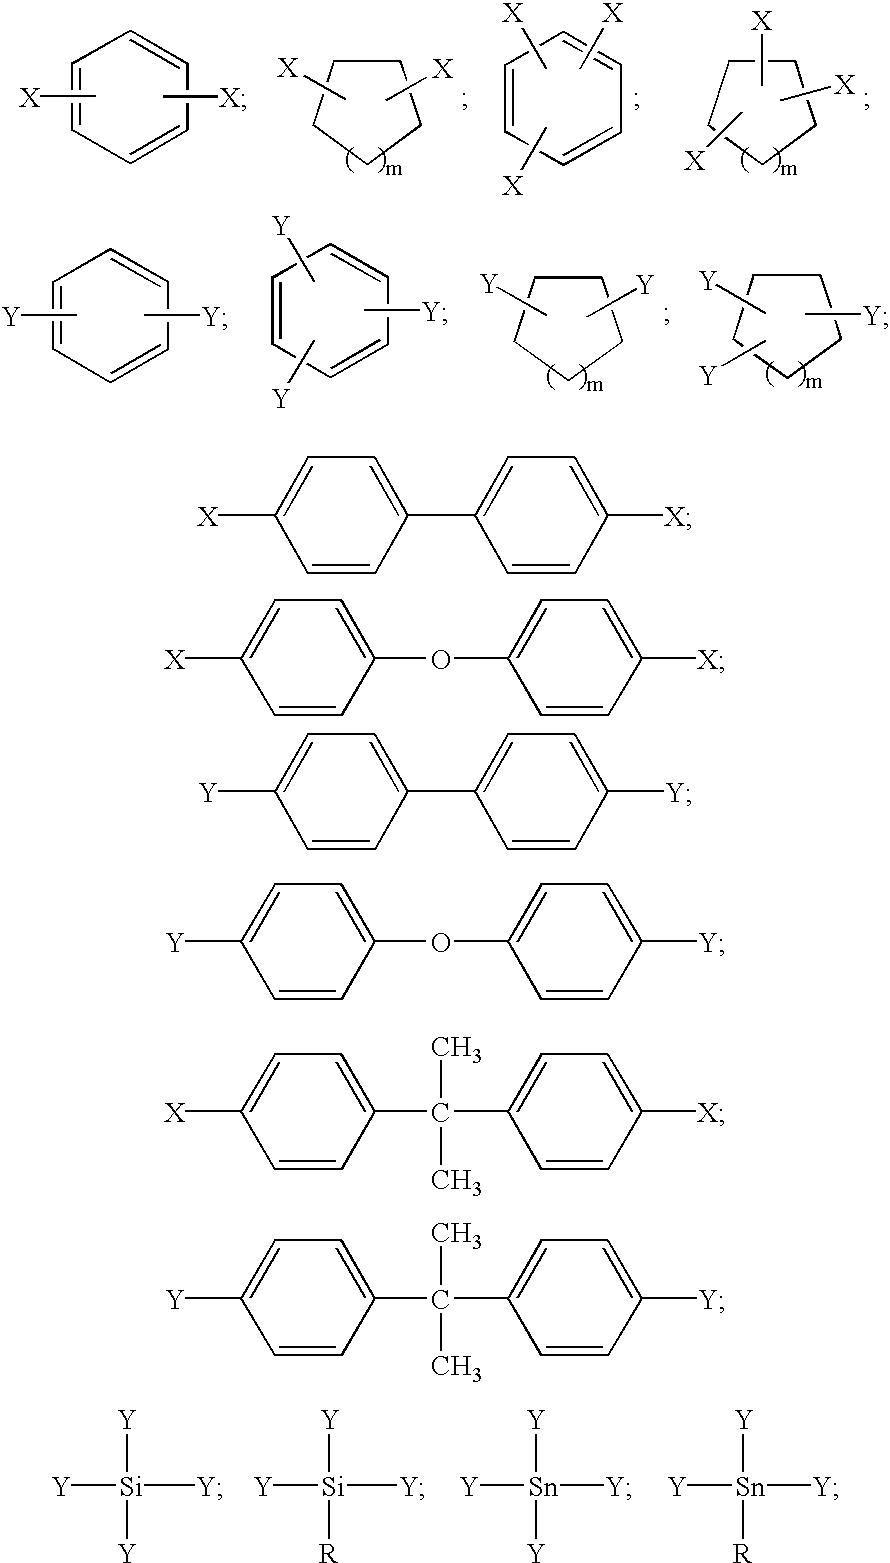 Figure US06413638-20020702-C00001